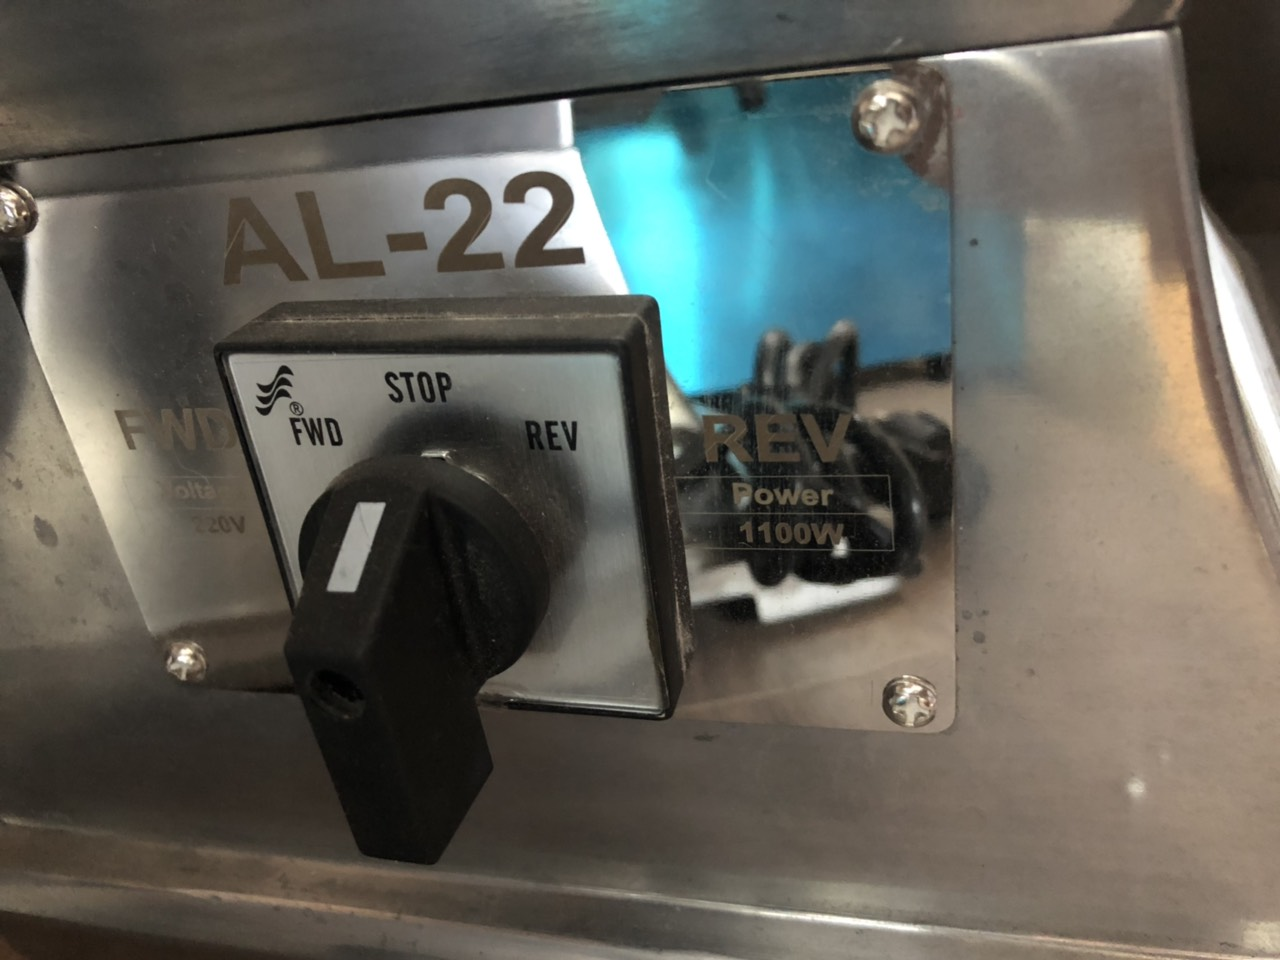 Máy Xay Thịt ABG AL-22 - Công Suất 1100W Dùng Điện 220V Thân Máy Inox Có Thể Xay Đa Thực Phẩm, Làm Xúc Xích Đảm Bảo An Toàn Thực Phẩm – Hàng Chính Hãng